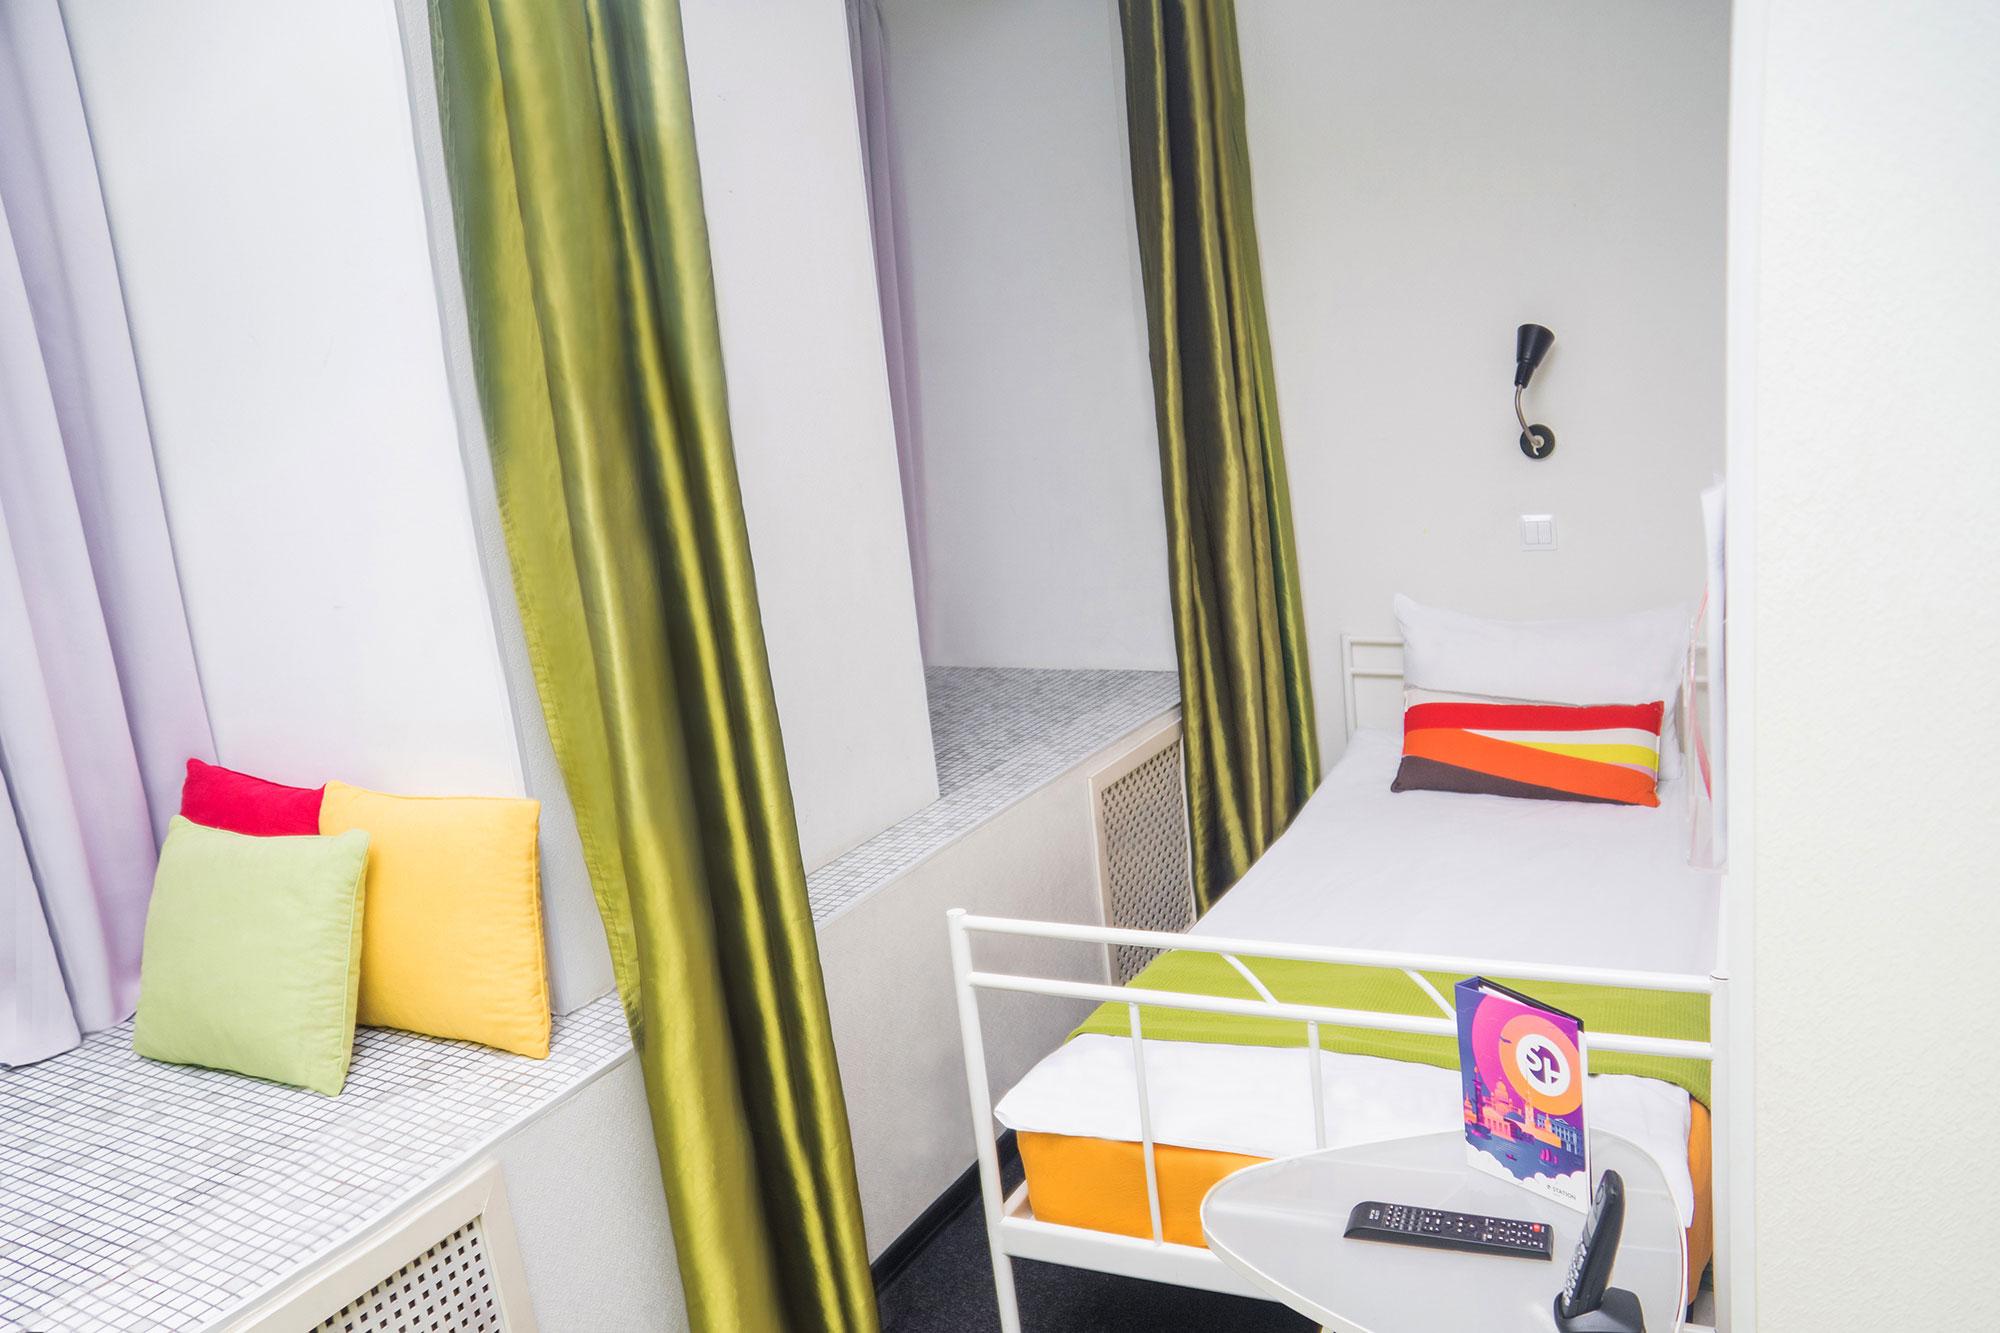 г.санкт-петербург мини отель